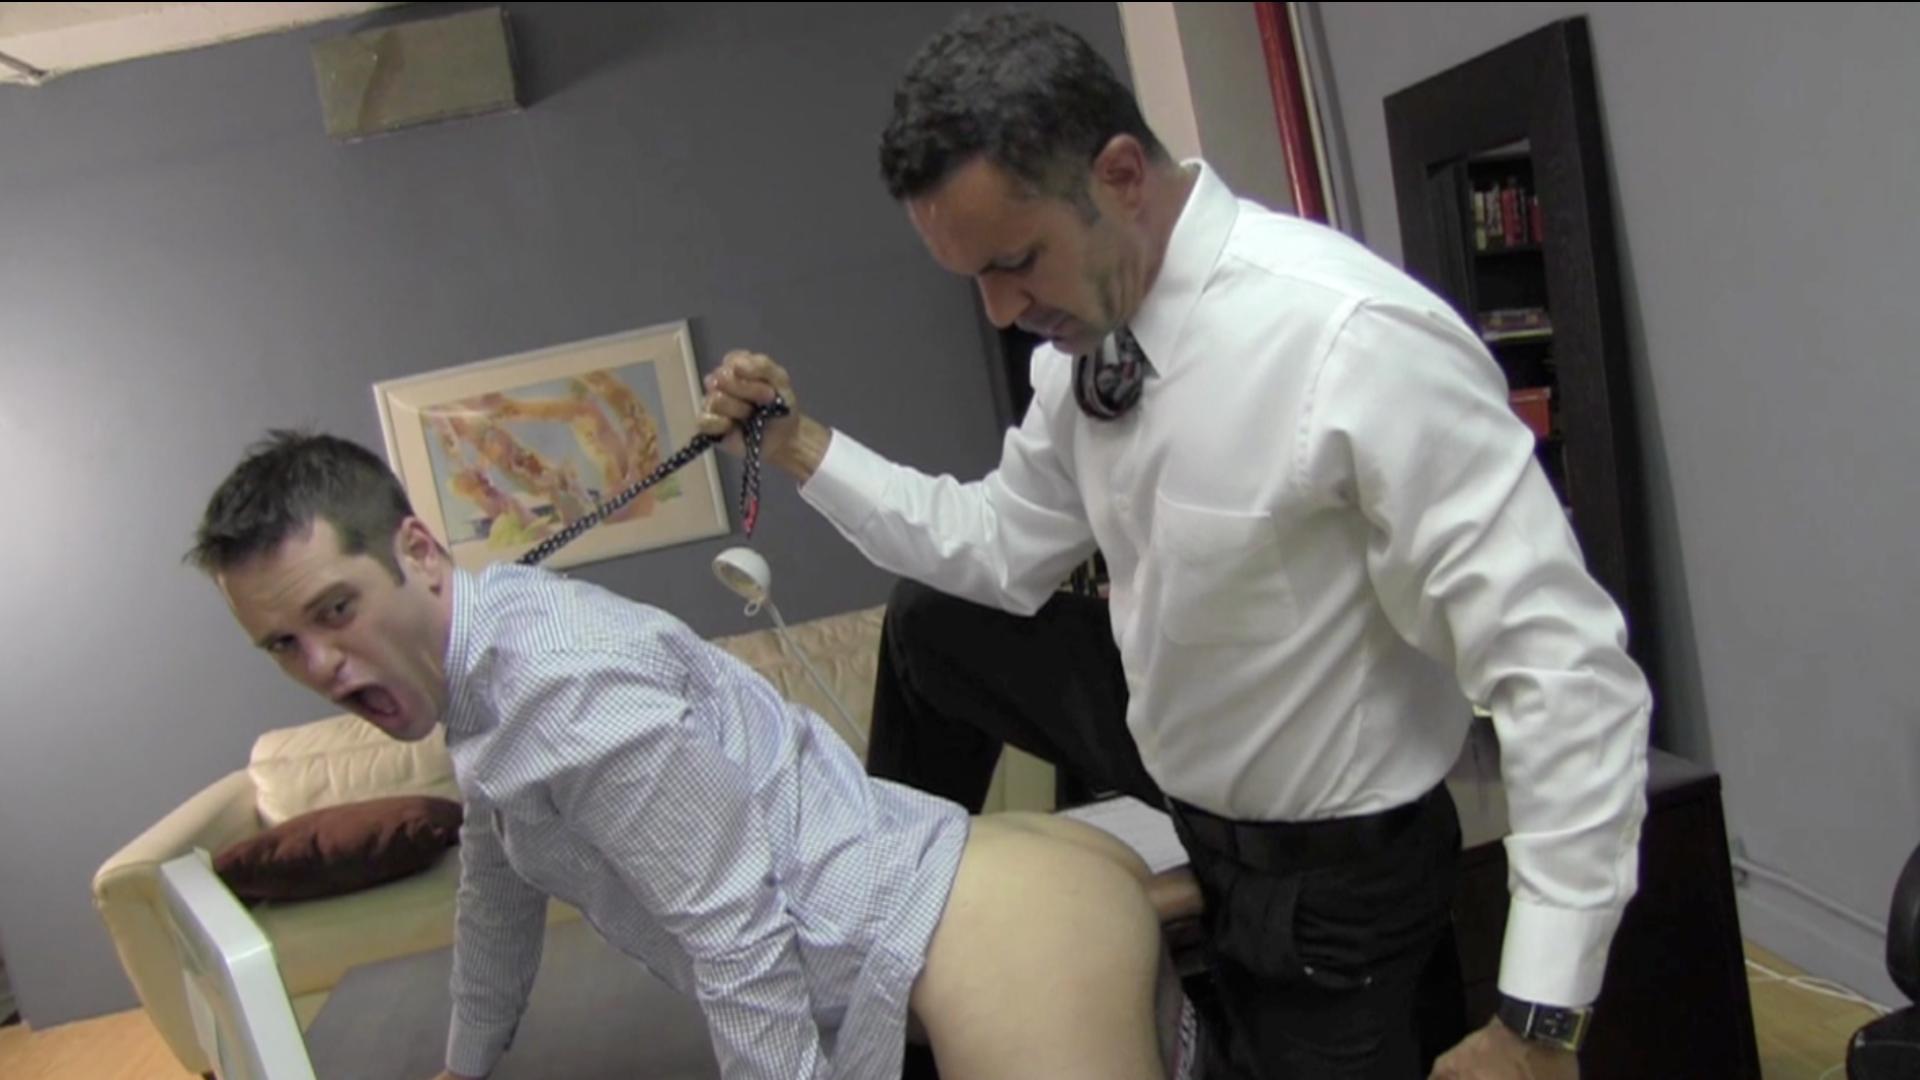 Lito Cruz meleg pornó